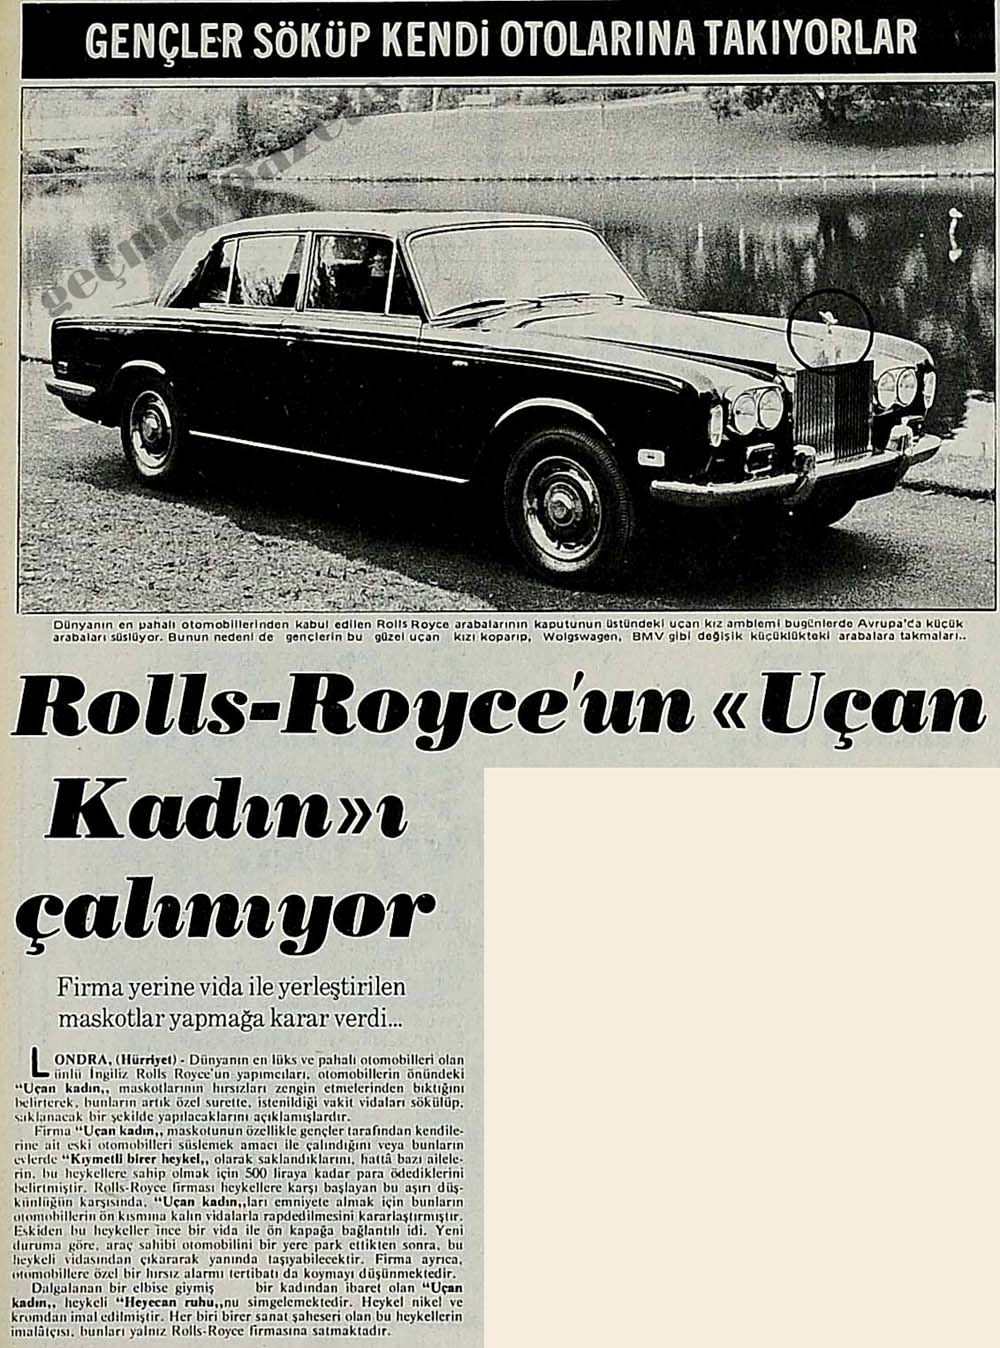 """Rolls-Royce'un """"Uçan Kadın""""ı çalınıyor"""